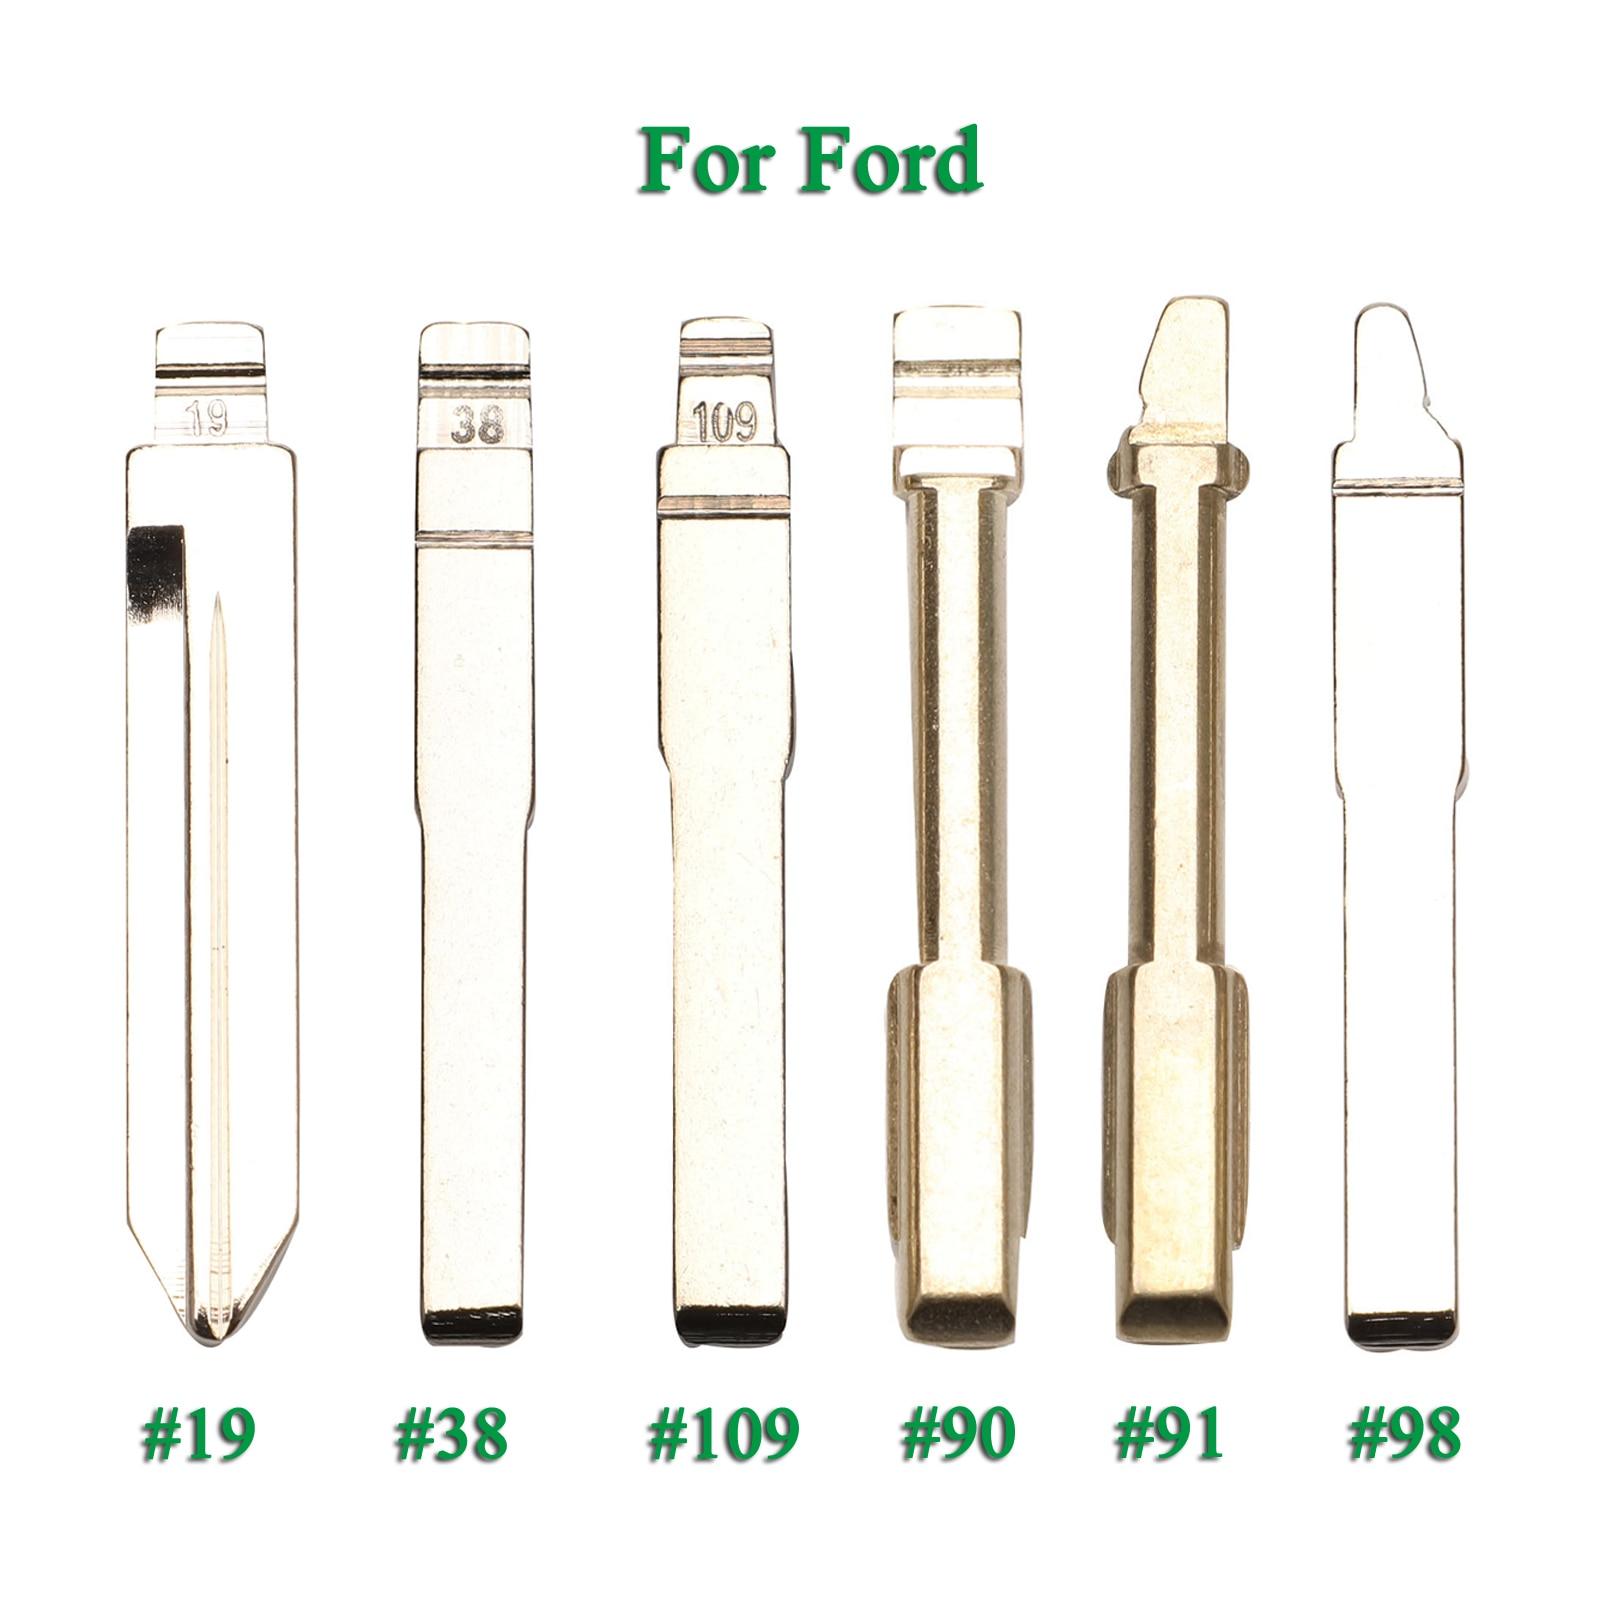 Ключи 10 шт. #19 38 98 90 91 109 брелок для дистанционного ключа для Ford Focus Mondeo Fiesta Transit Galaxy HU101 FO21 FO38 Замена